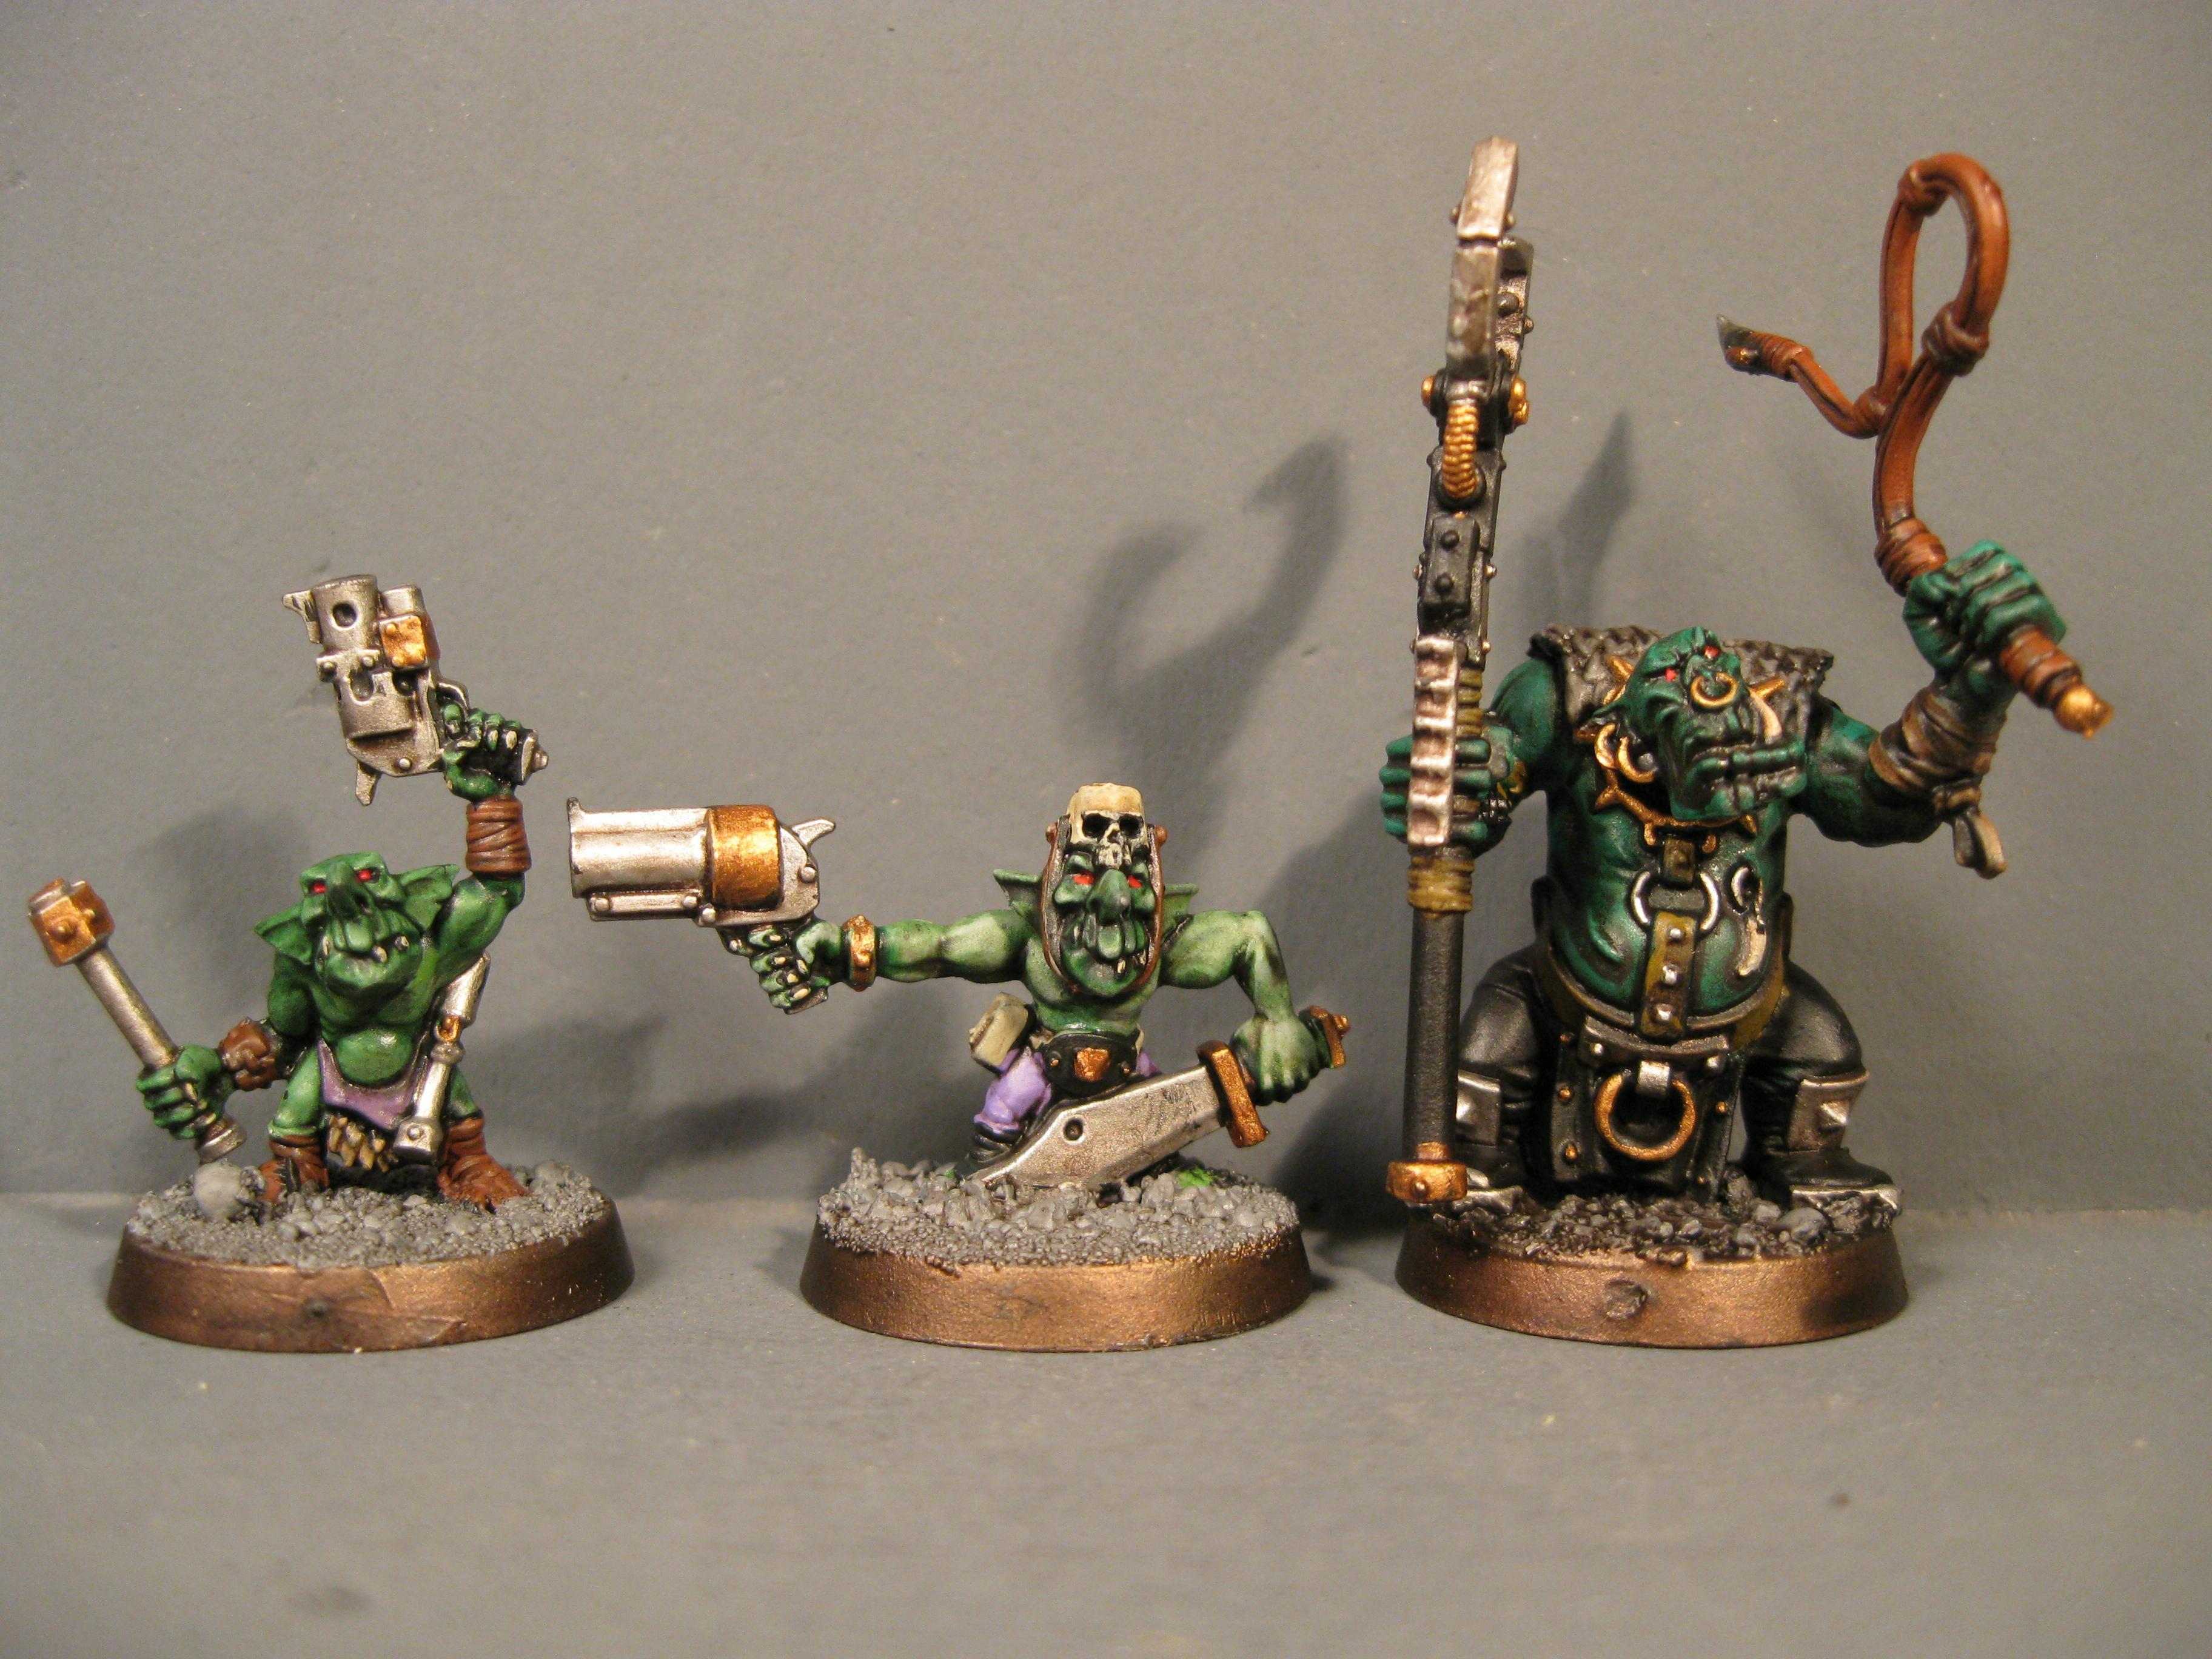 Goblins, Grabba, Gretchen, Orcs, Orks, Runtherd, Warhammer 40,000